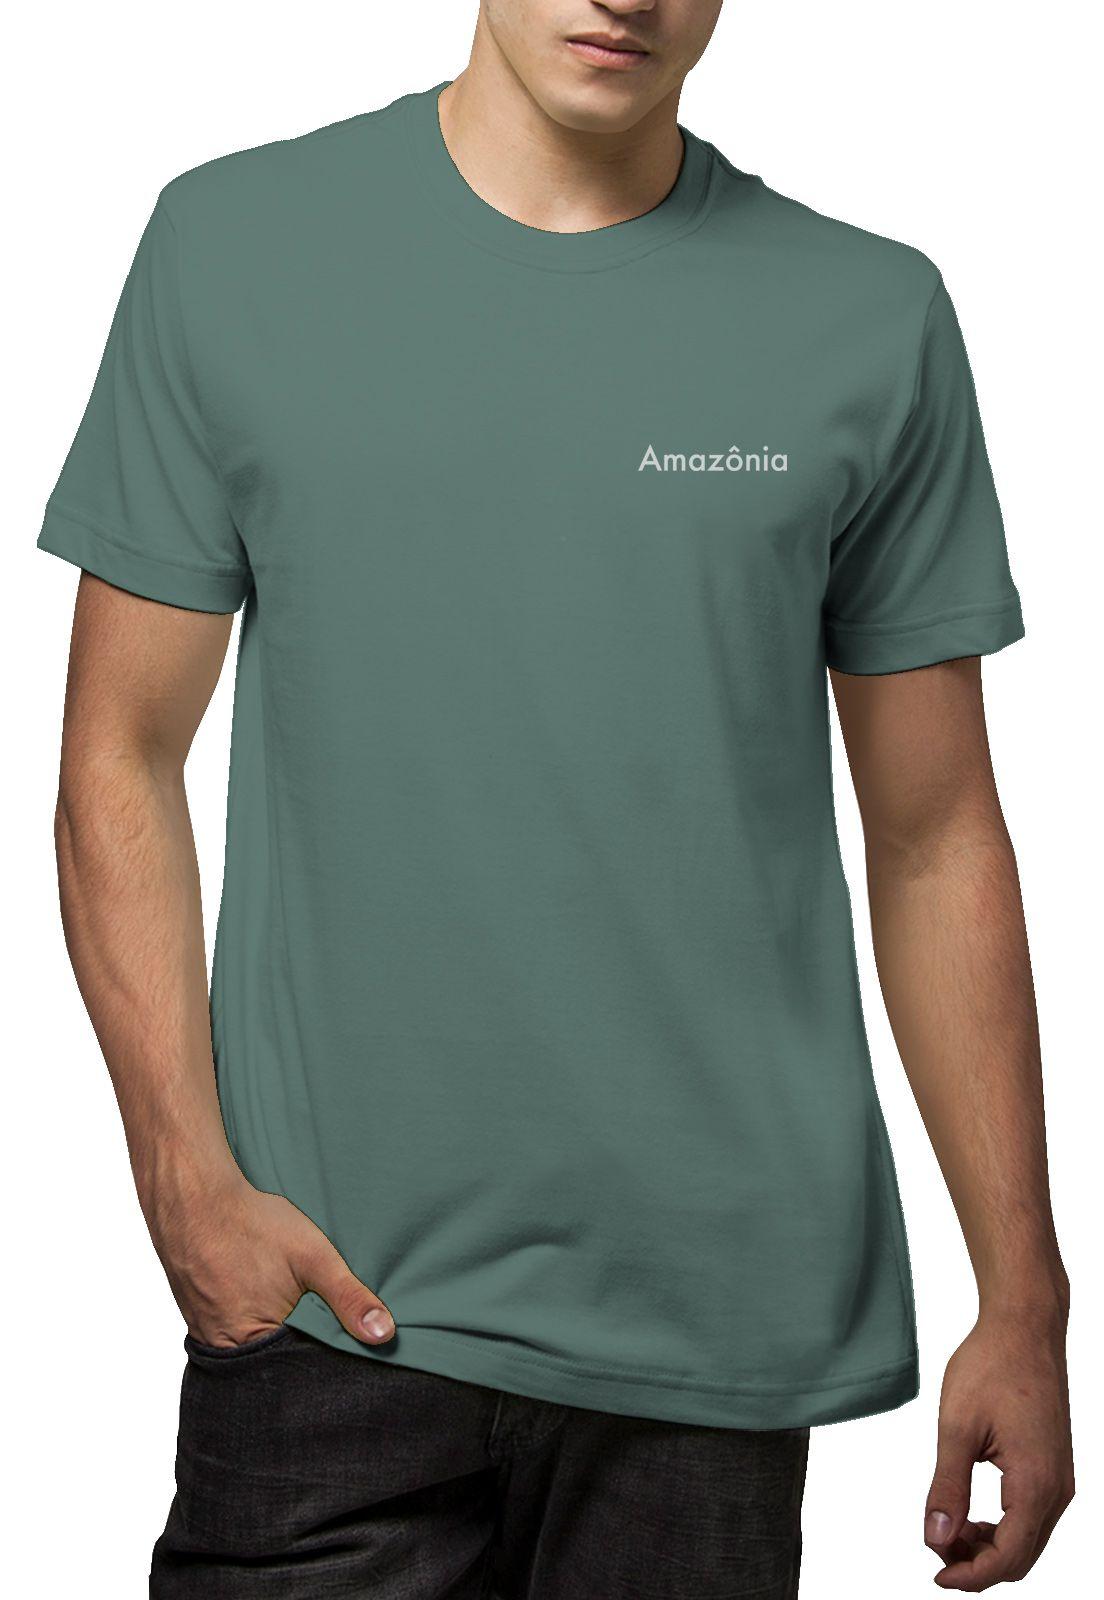 Camiseta Amazônia Verão Coqueiro - Cinza